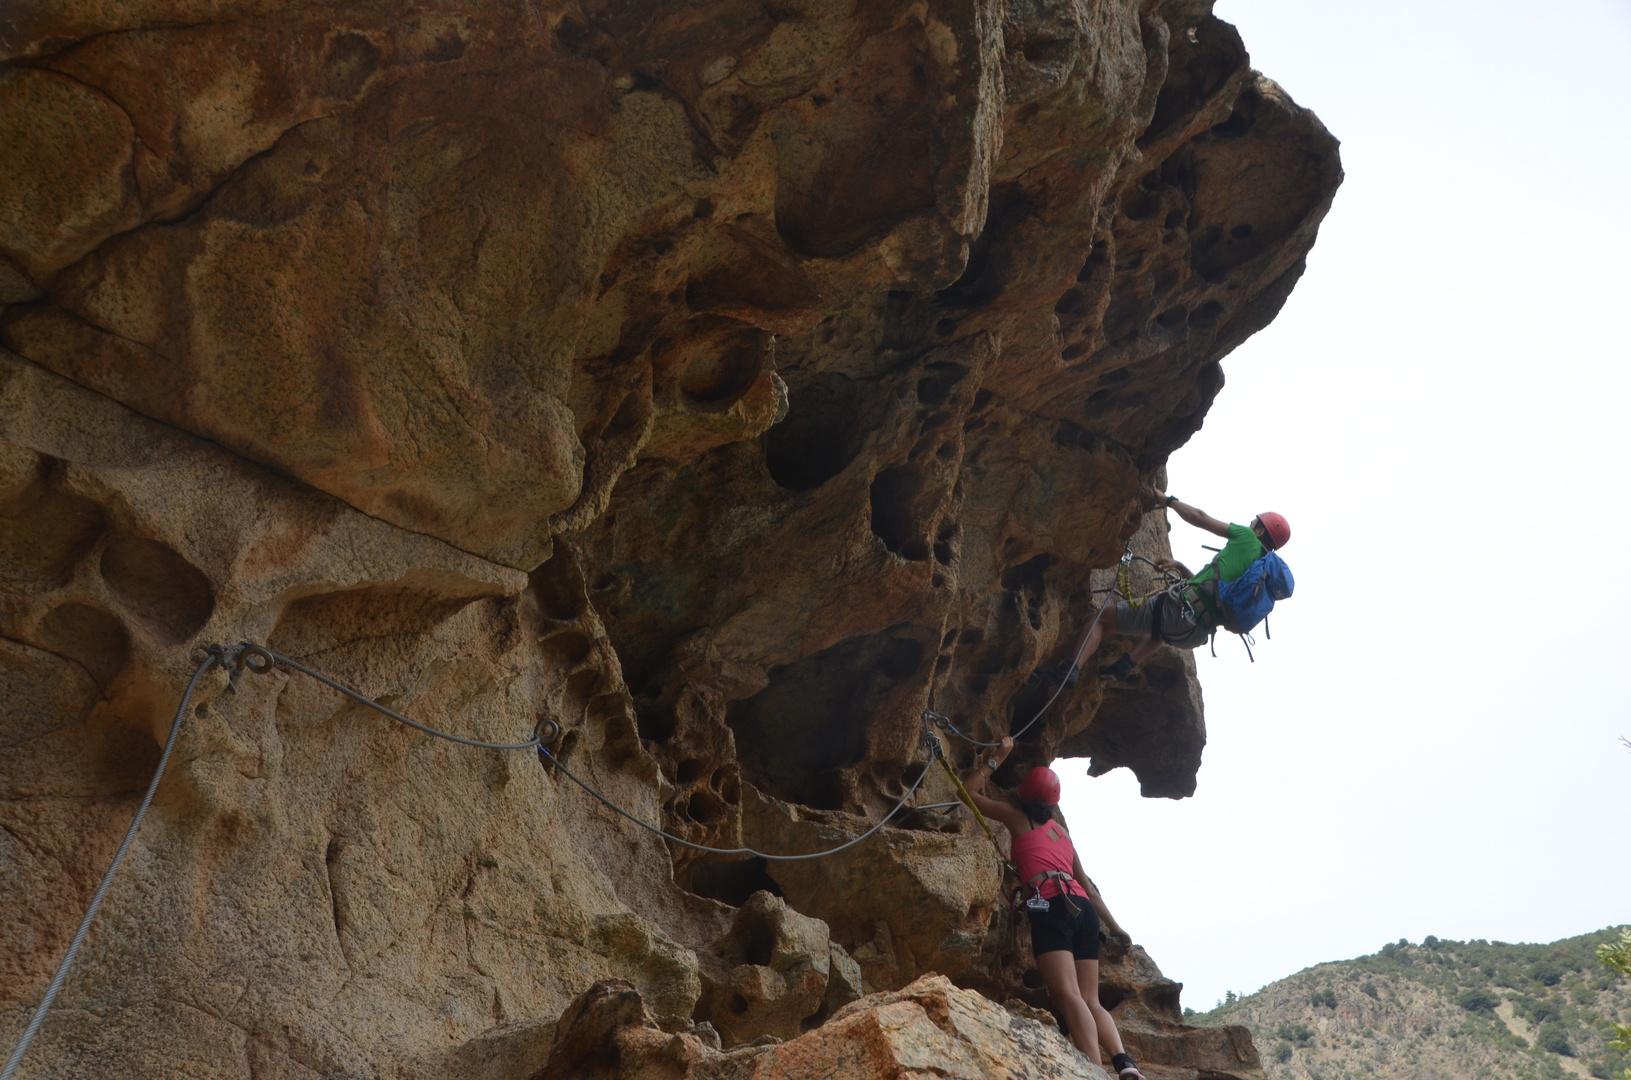 Klettern zu zweit